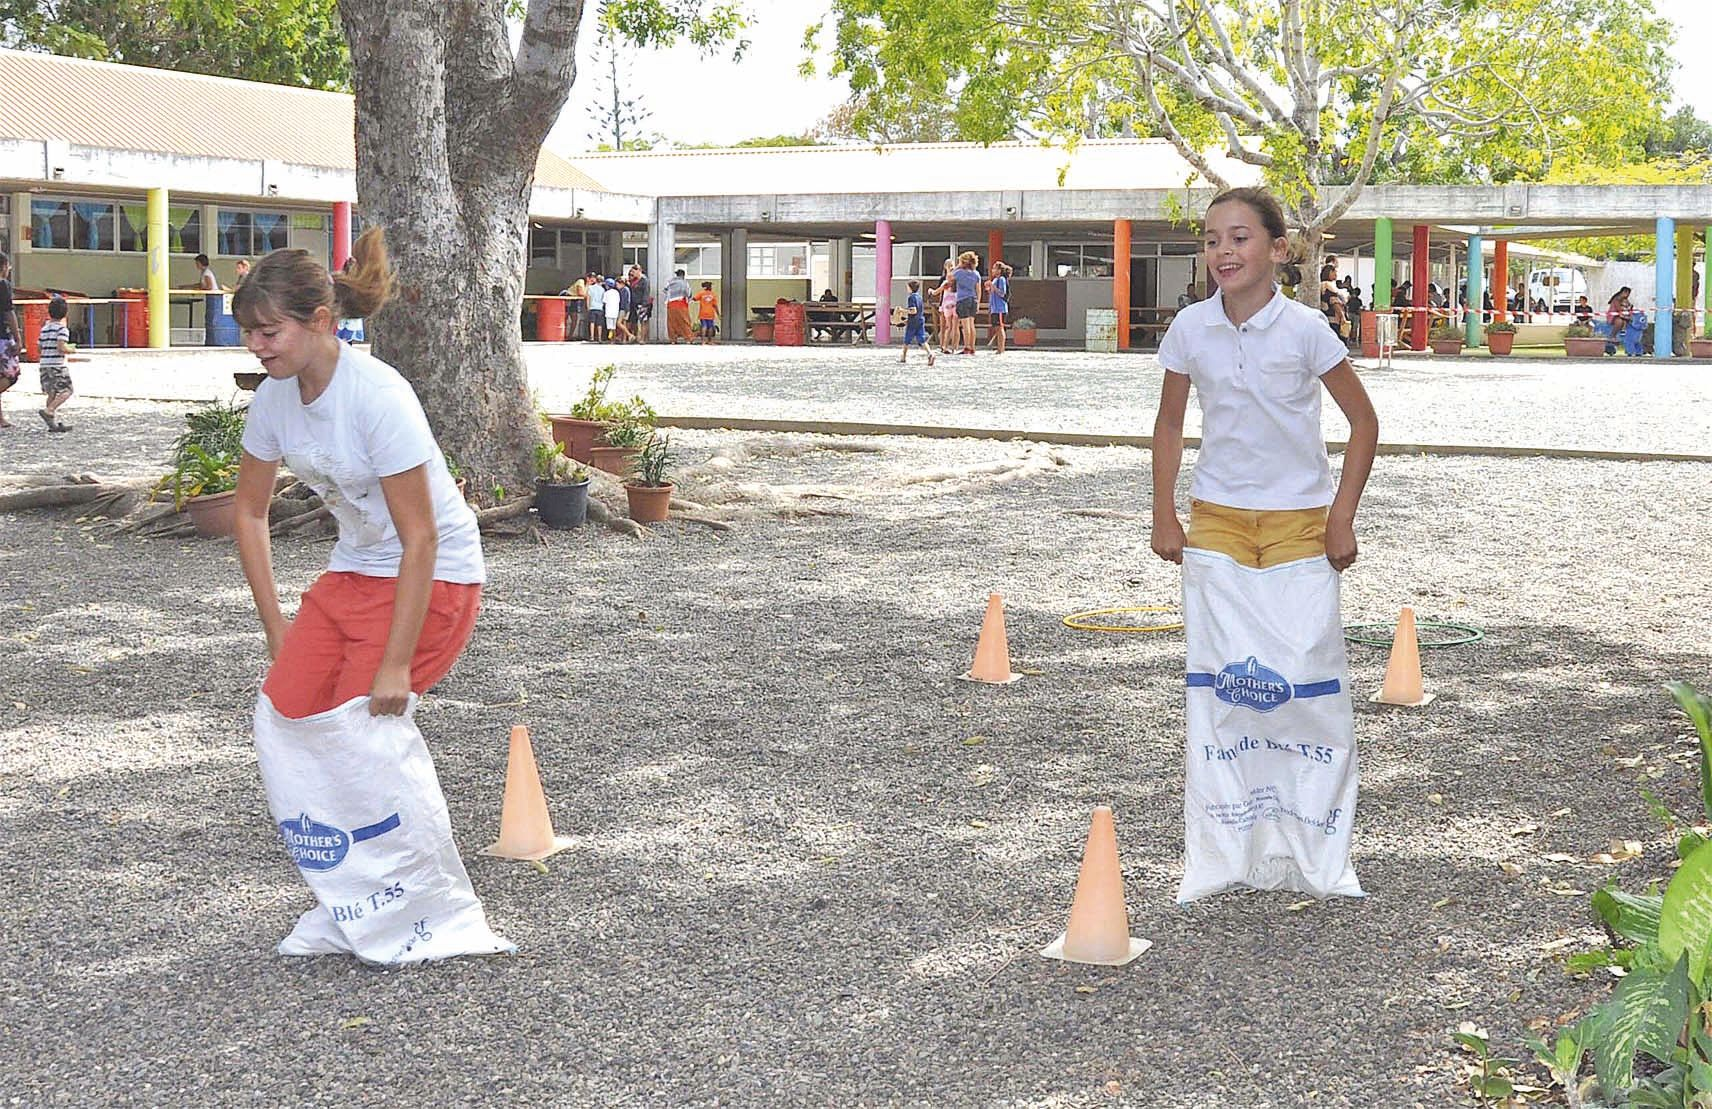 Partie de rigolade et de bonnes bûches à l'occasion de cette course en sacs agrémentée de petits obstacles, où les jeunes ne se sont pas fait prier pour s'affronter. Pendant ce temps, les parents, eux, pouvaient se détendre à l'espace restauration-buvette